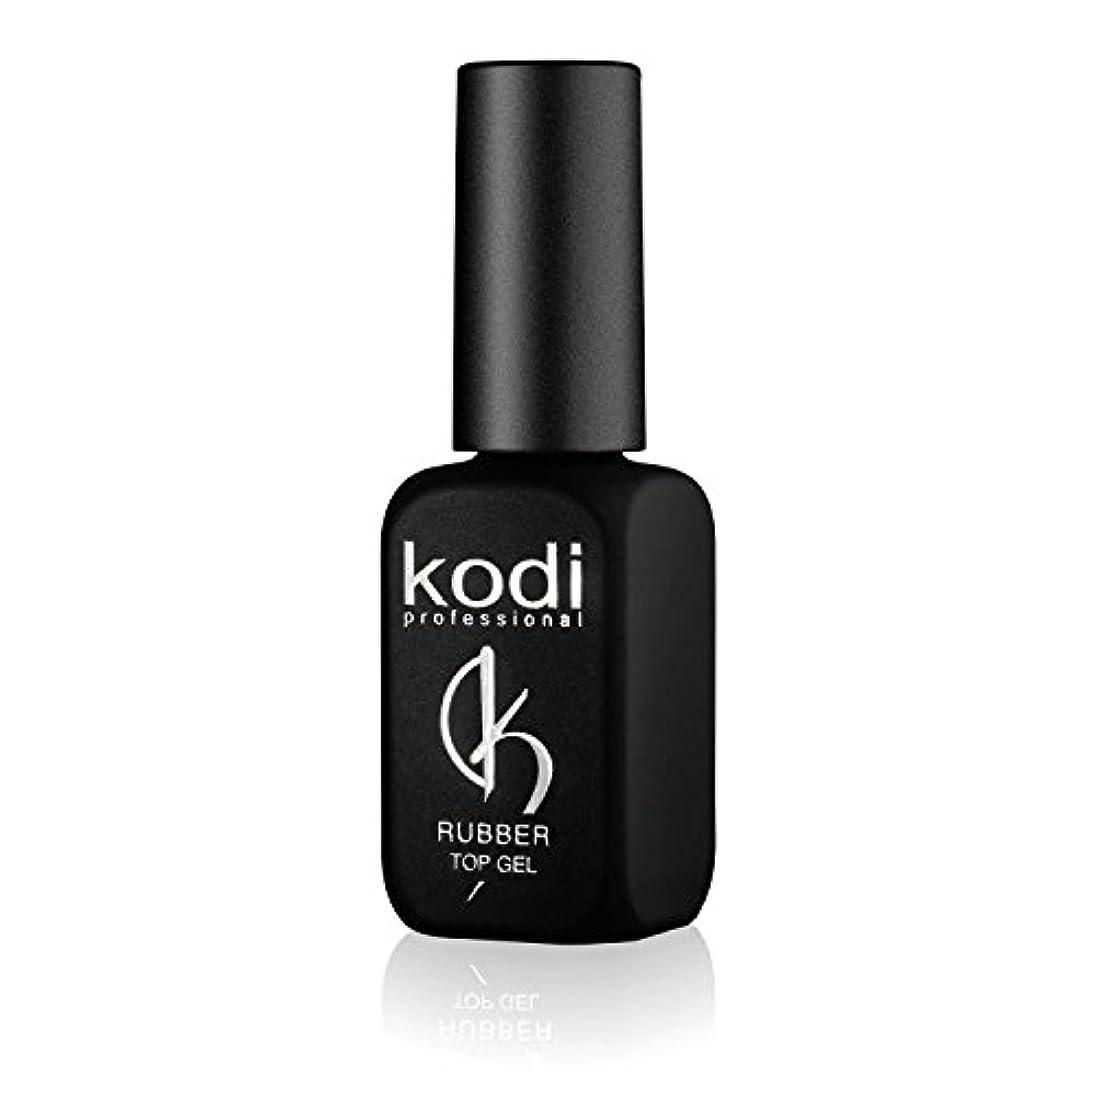 人口応用写真のProfessional Rubber Top Gel By Kodi | 12ml 0.42 oz | Soak Off, Polish Fingernails Coat Gel | For Long Lasting...